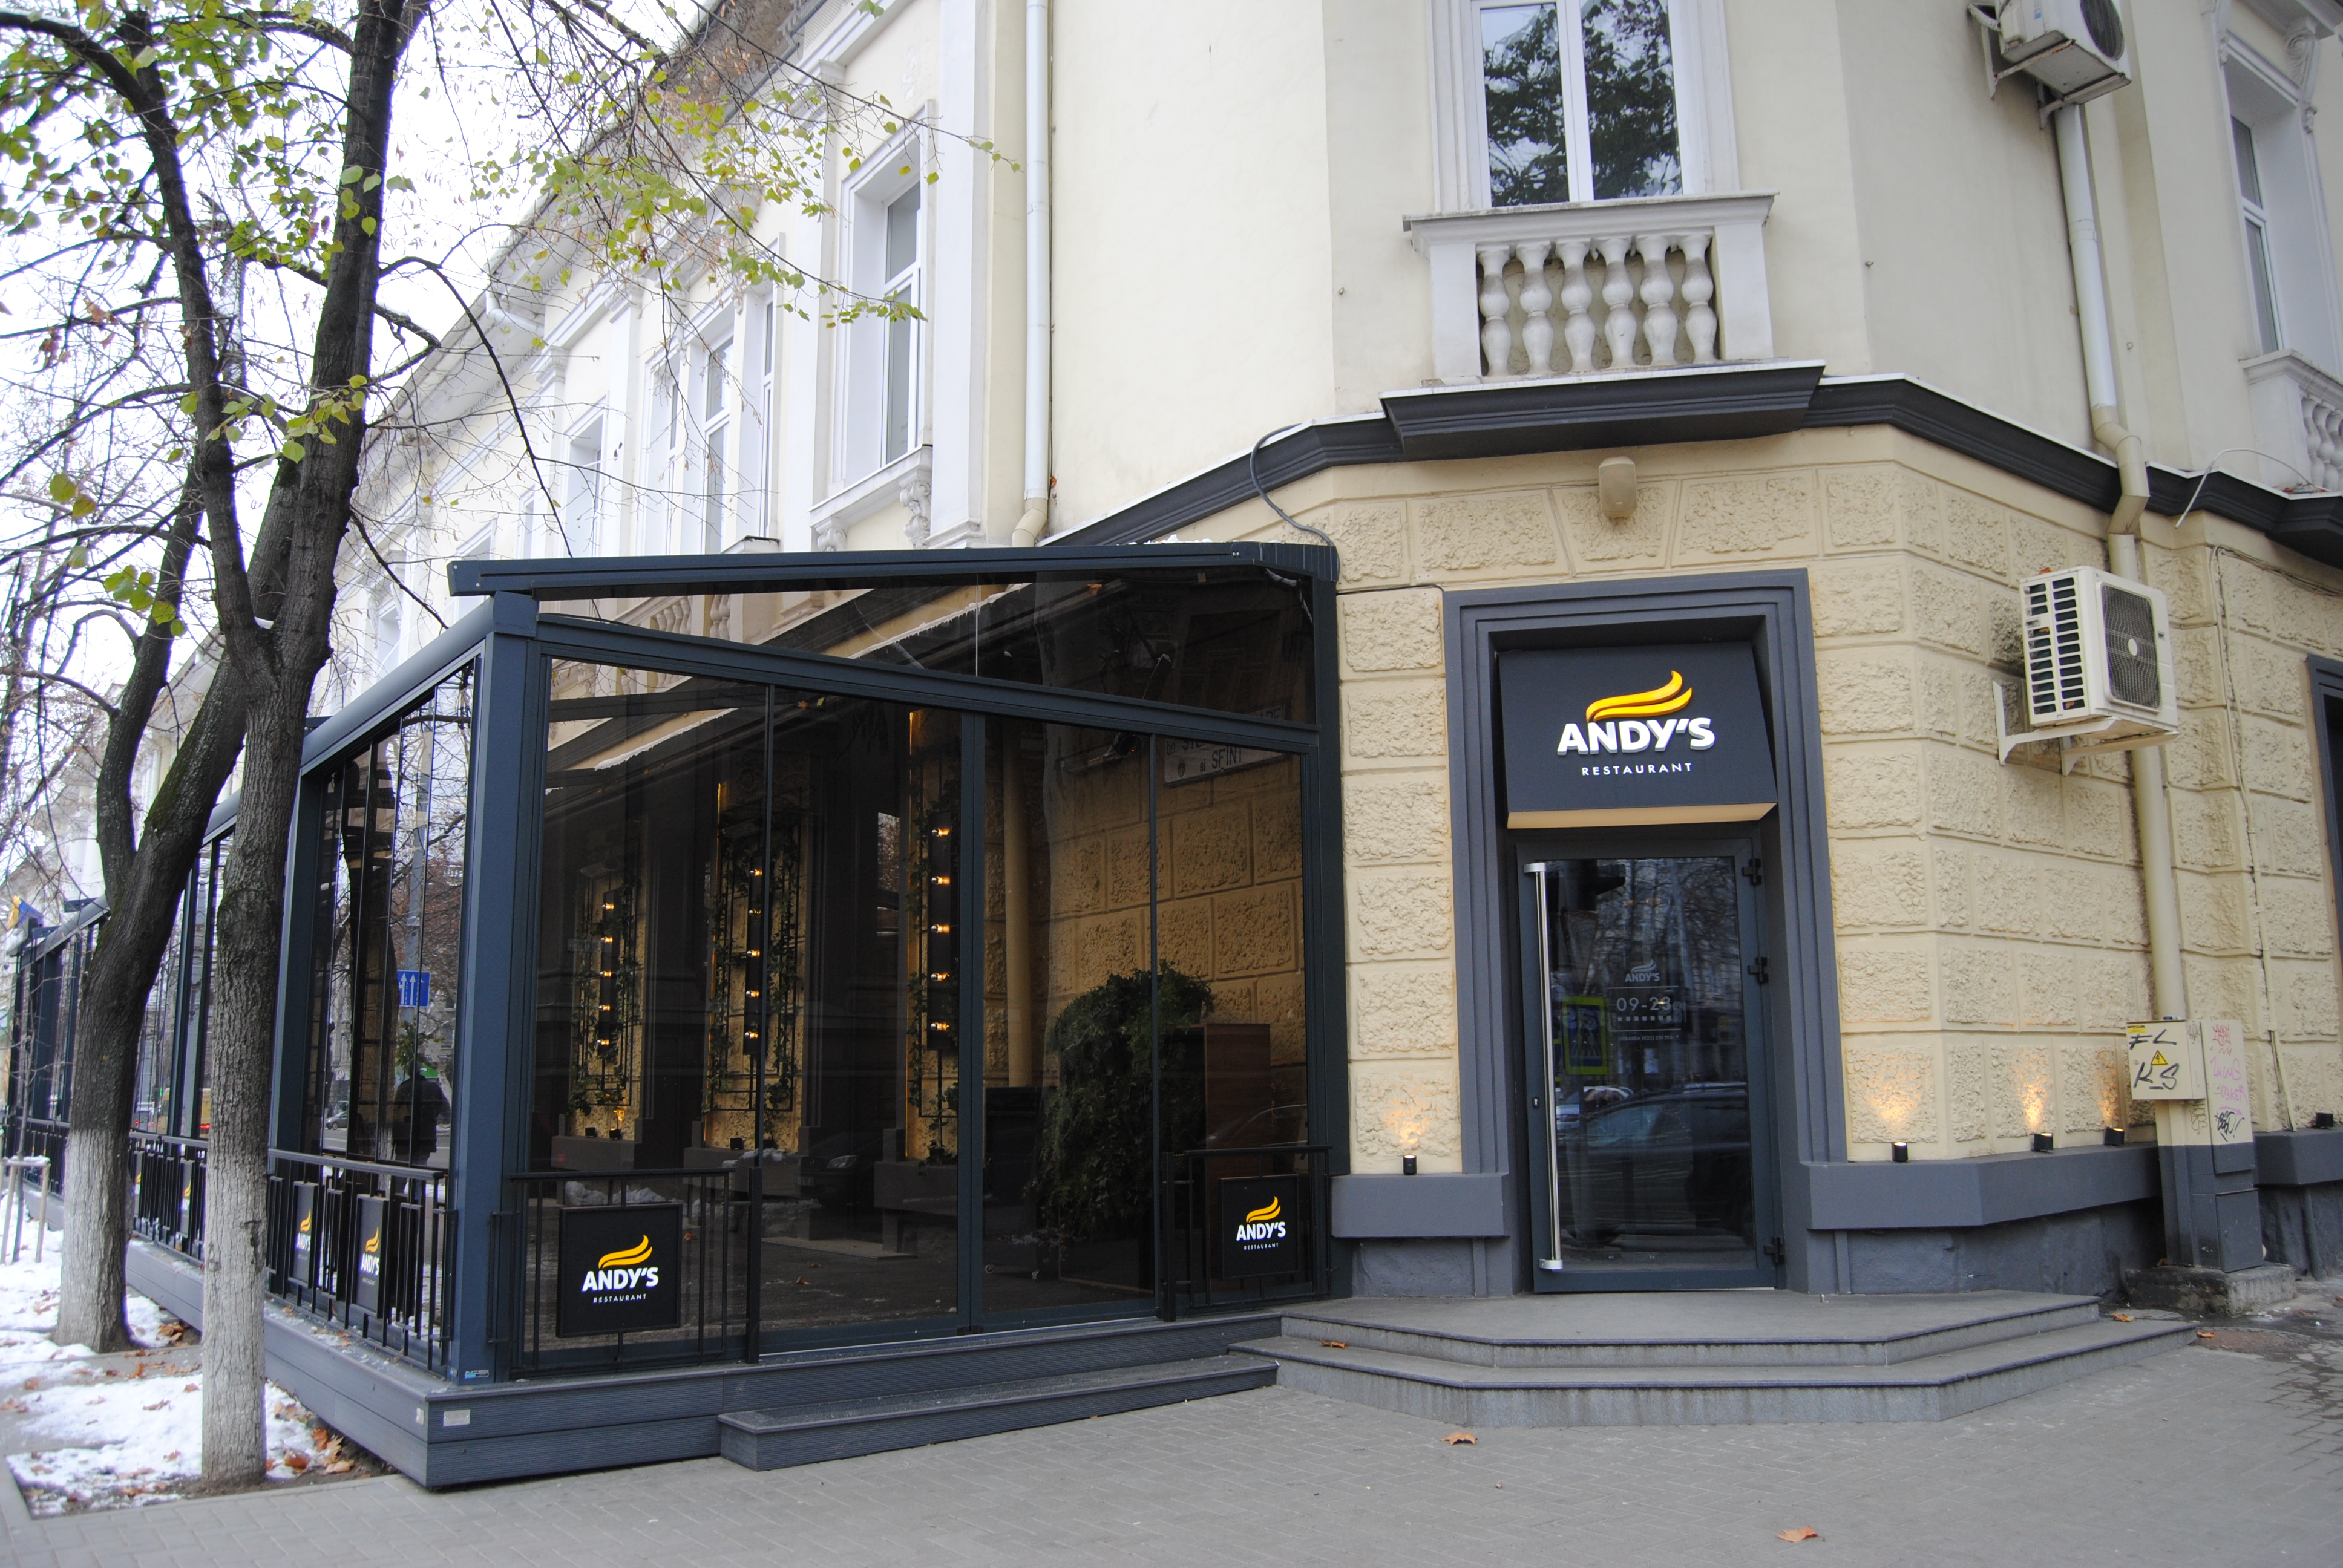 El restaurante Andy's Pizza de Chisinau